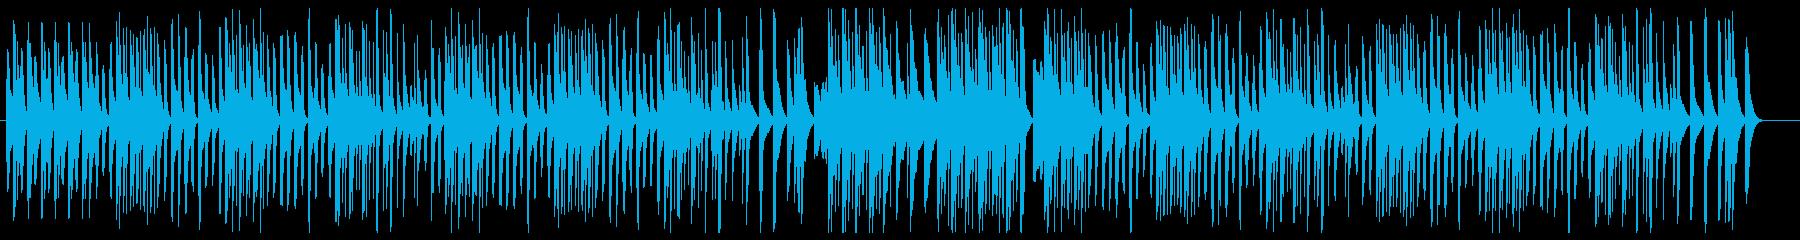 可愛いマレット曲の再生済みの波形